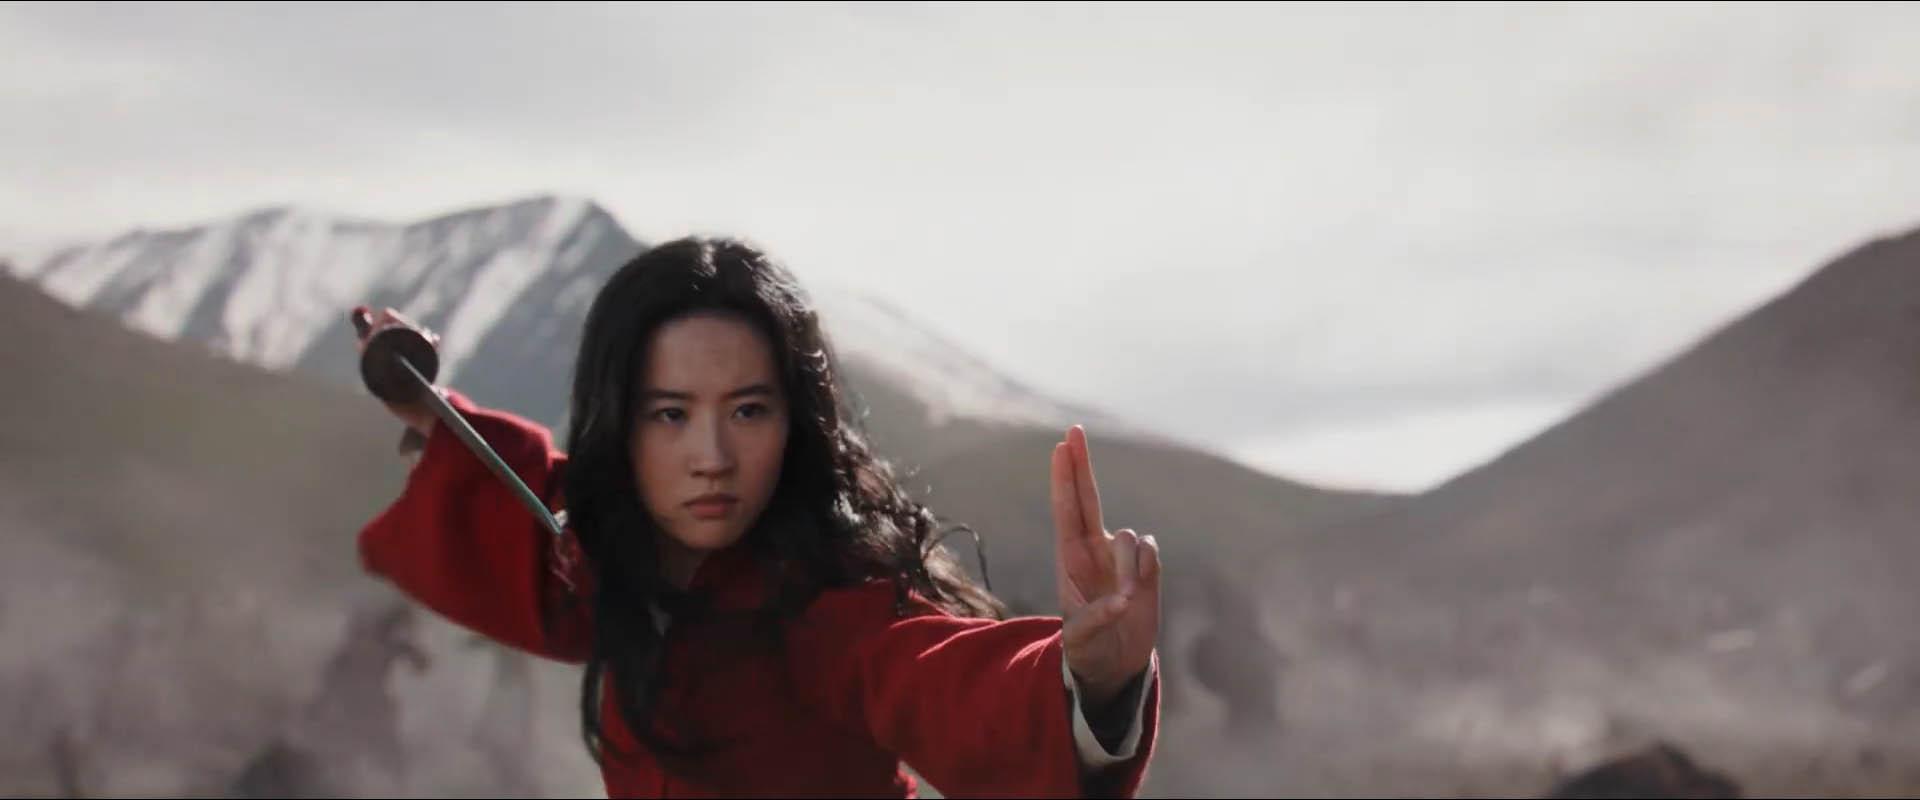 Mulan - Trailer 2 - 17